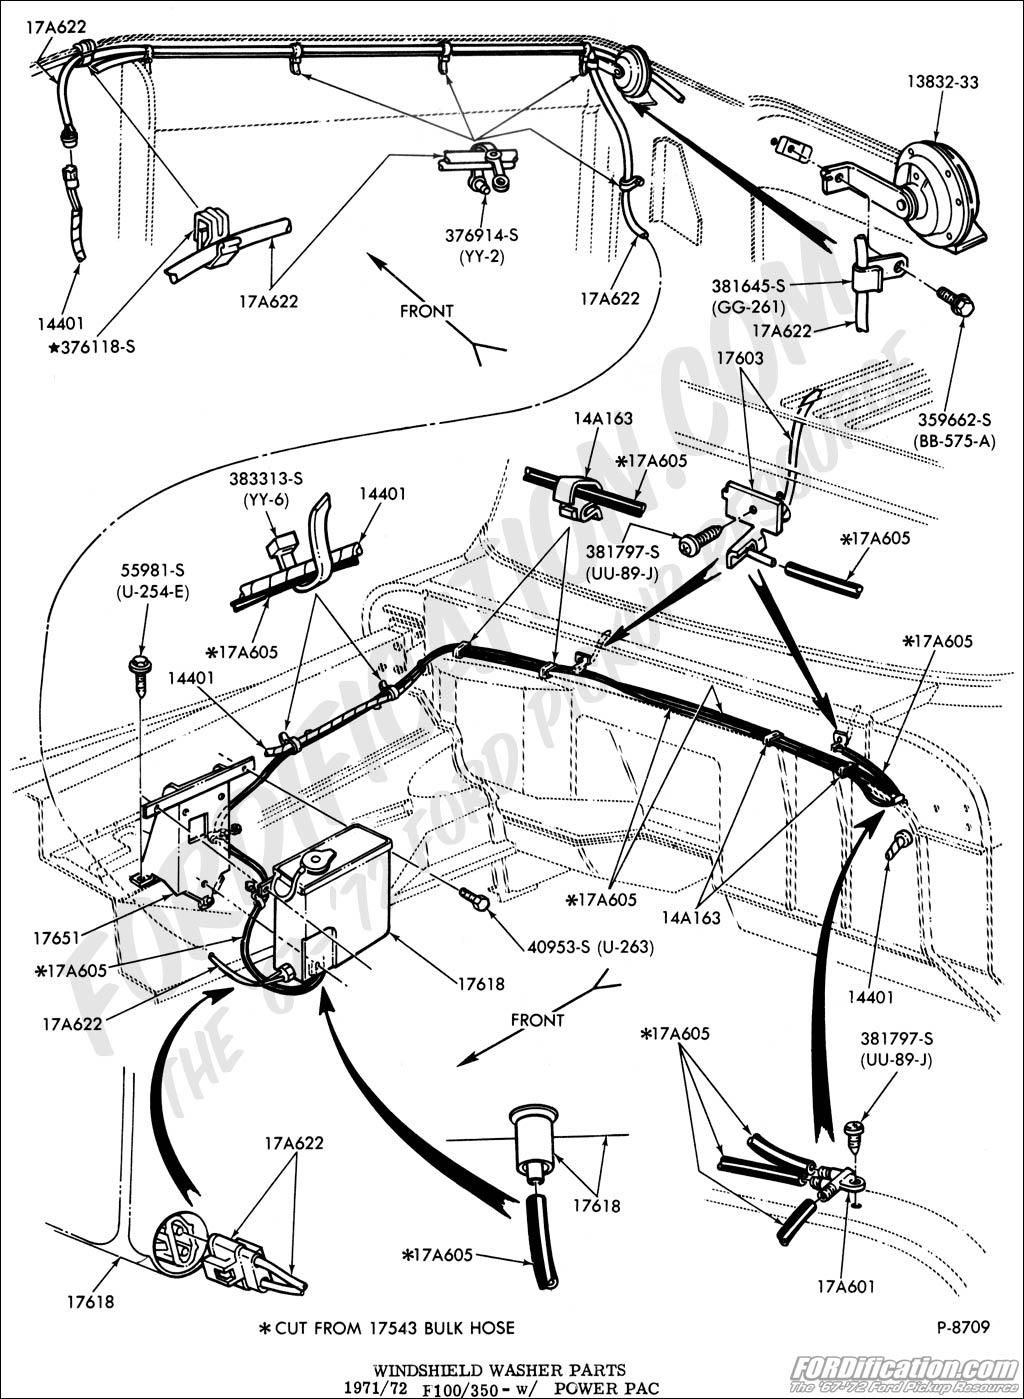 Schematics i besides Temperature Switch Schematic moreover Isuzu Rodeo Electric Power Door Lock Wiring Diagram furthermore 2003 R1 Wiring Diagram in addition 02 Honda Civic Wiring Diagram. on 2000 honda accord wiring schematics